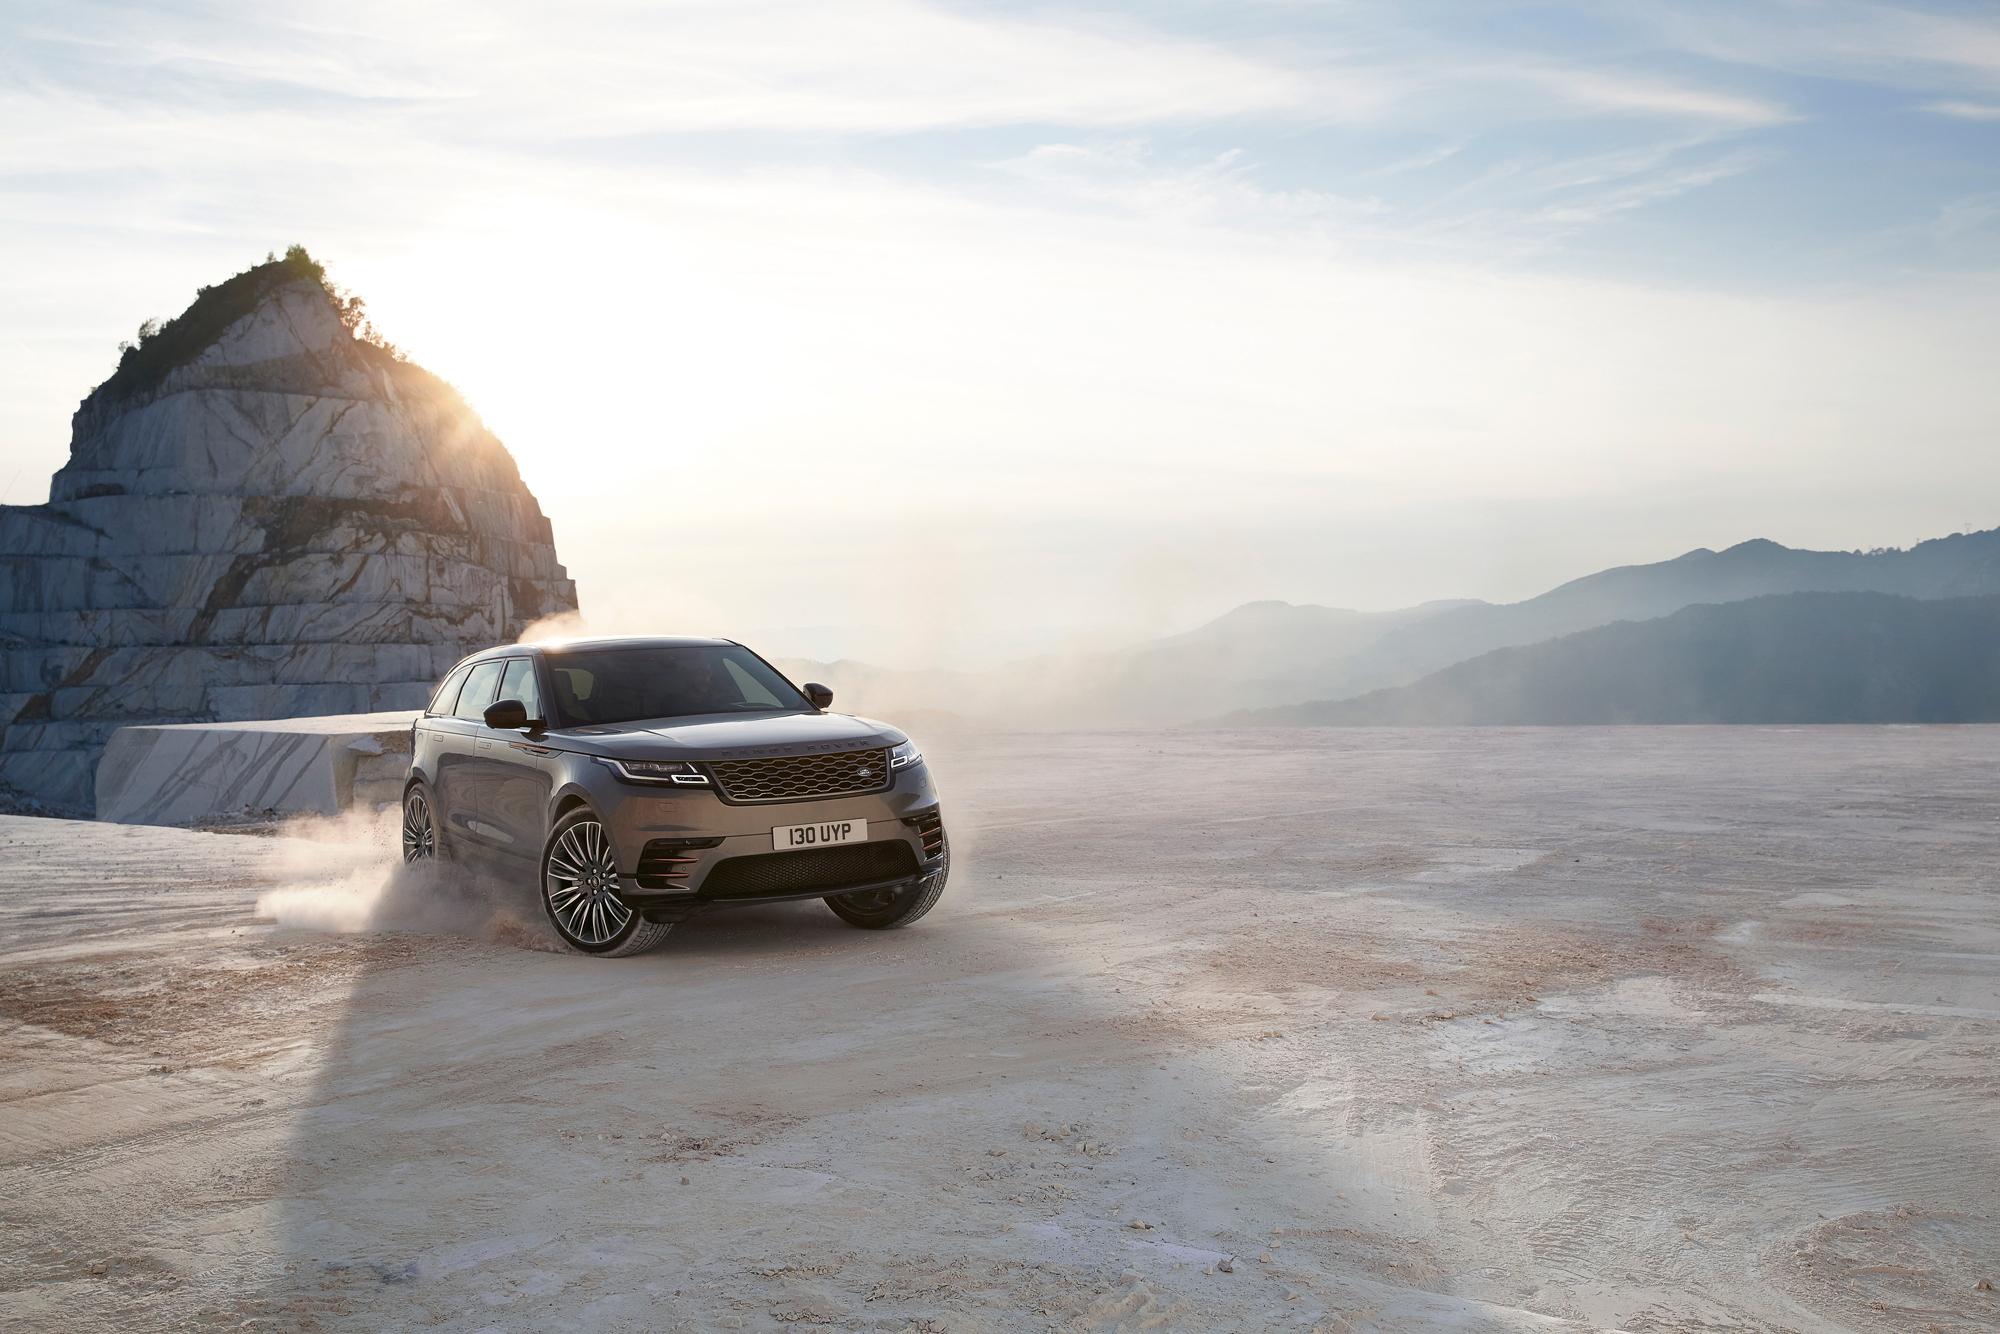 Range Rover Velar front 3/4